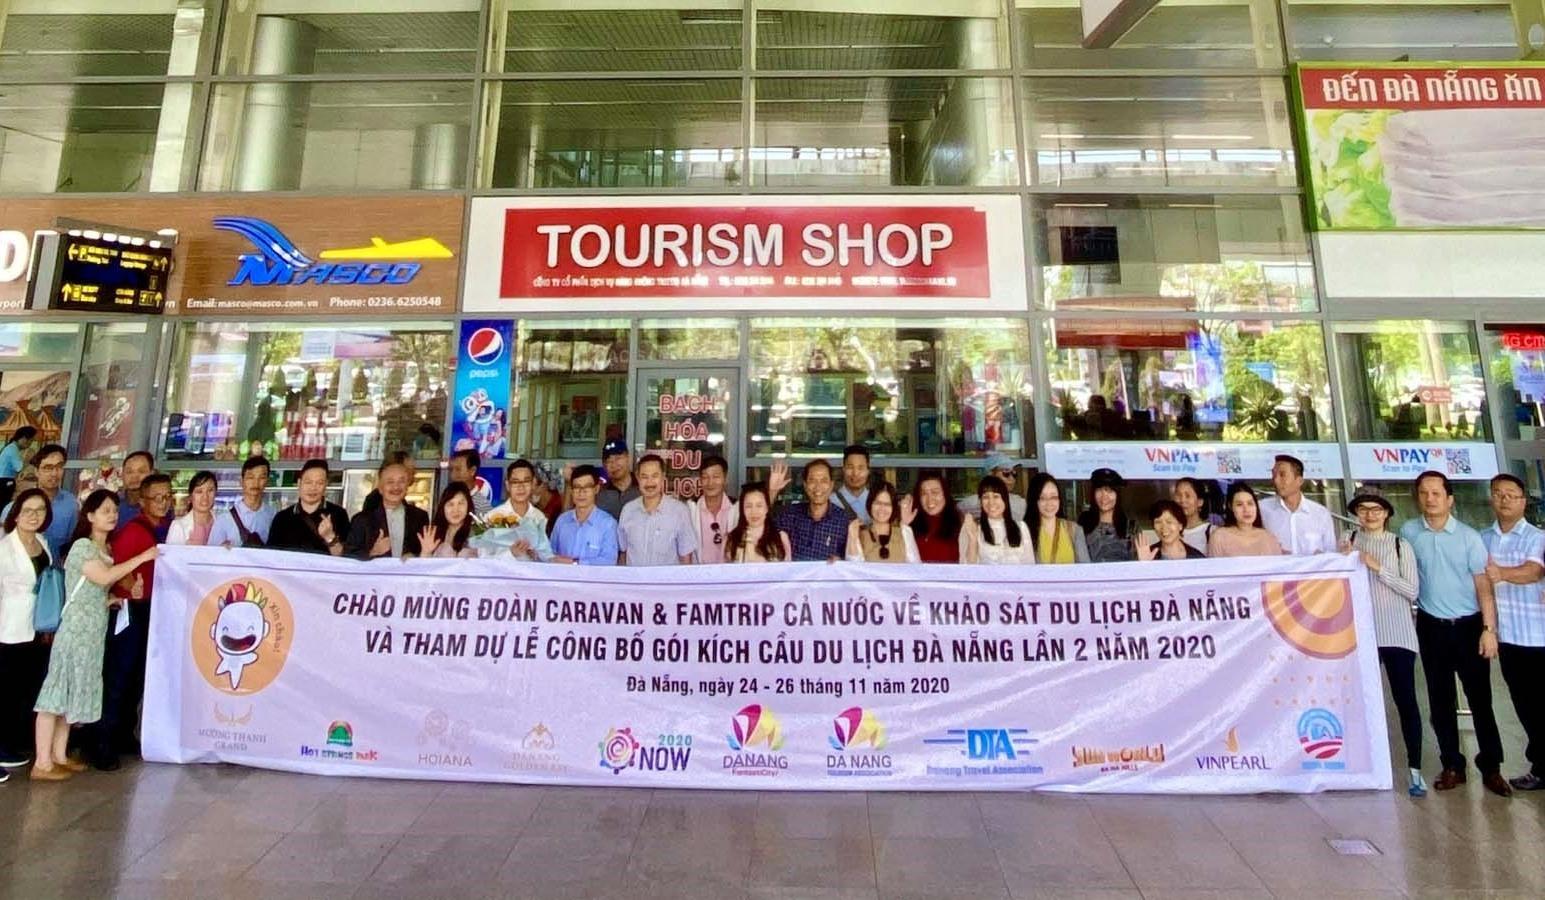 Ngành du lịch Đà Nẵng đón Đoàn du khách trong nước tại Sân bay Quốc tế Đà Nẵng sáng 24.11. Ảnh NTB